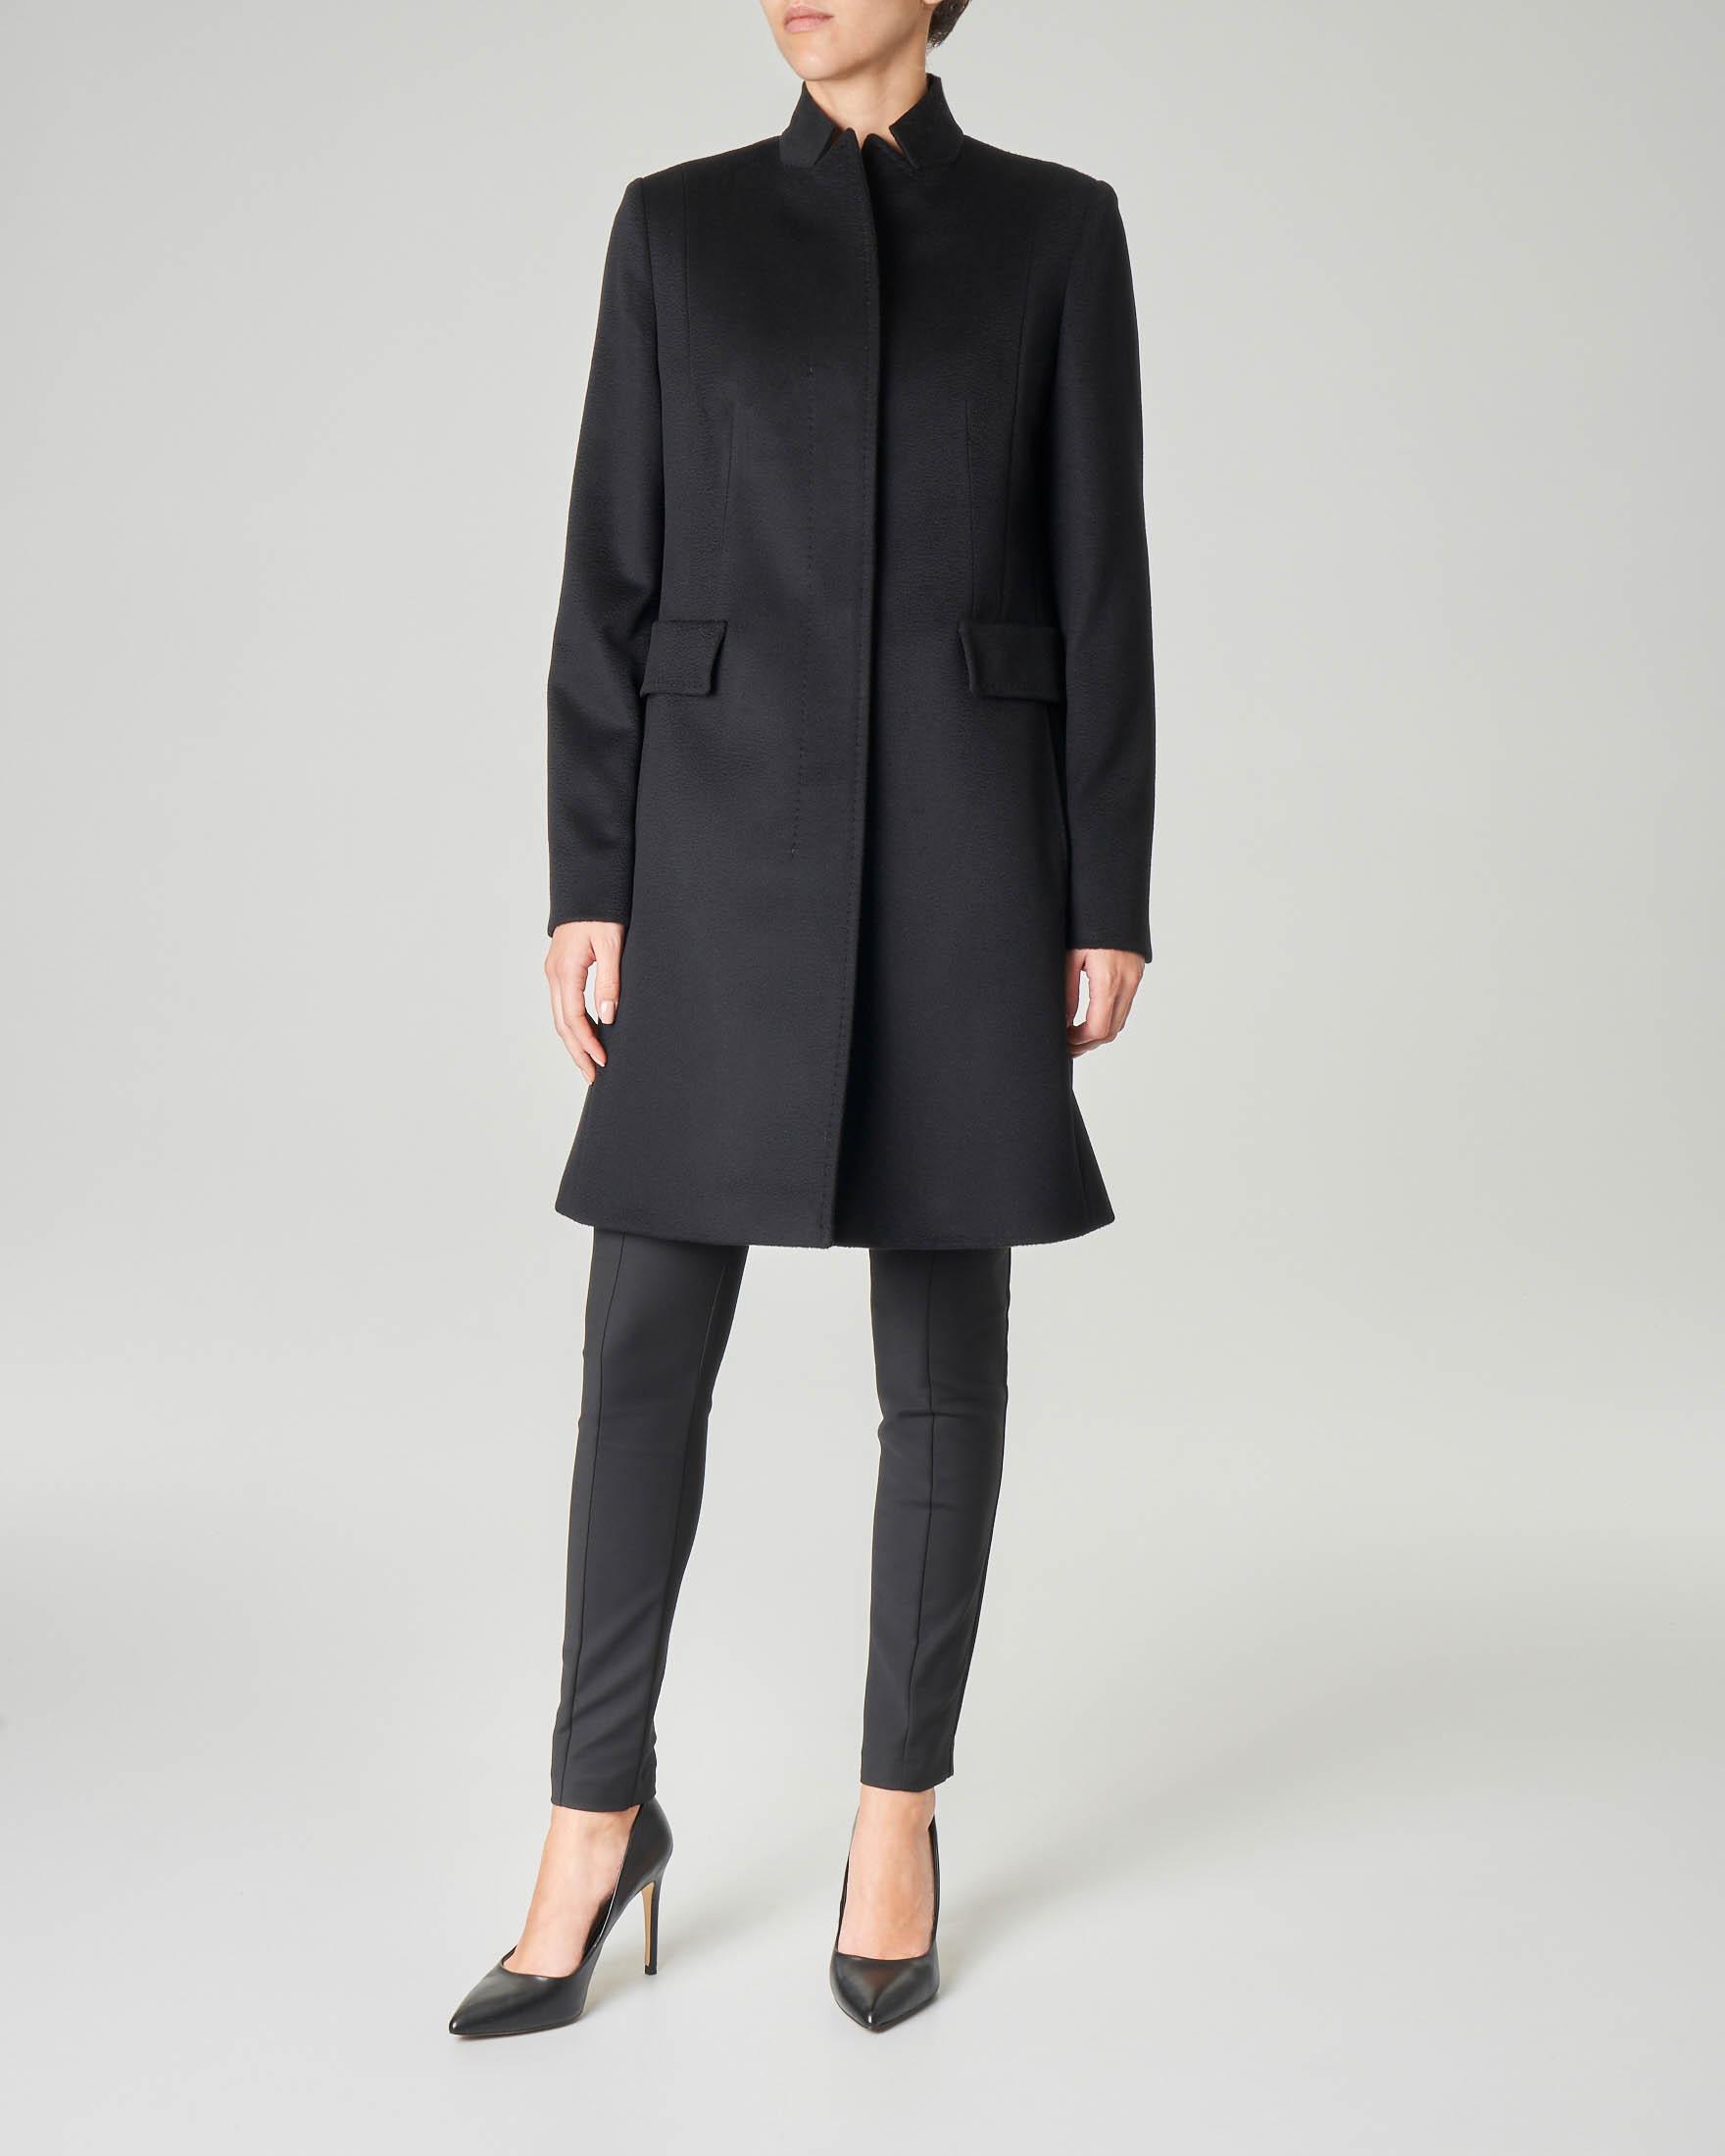 Cappotto nero in pura lana taglio dritto con collo in piedi